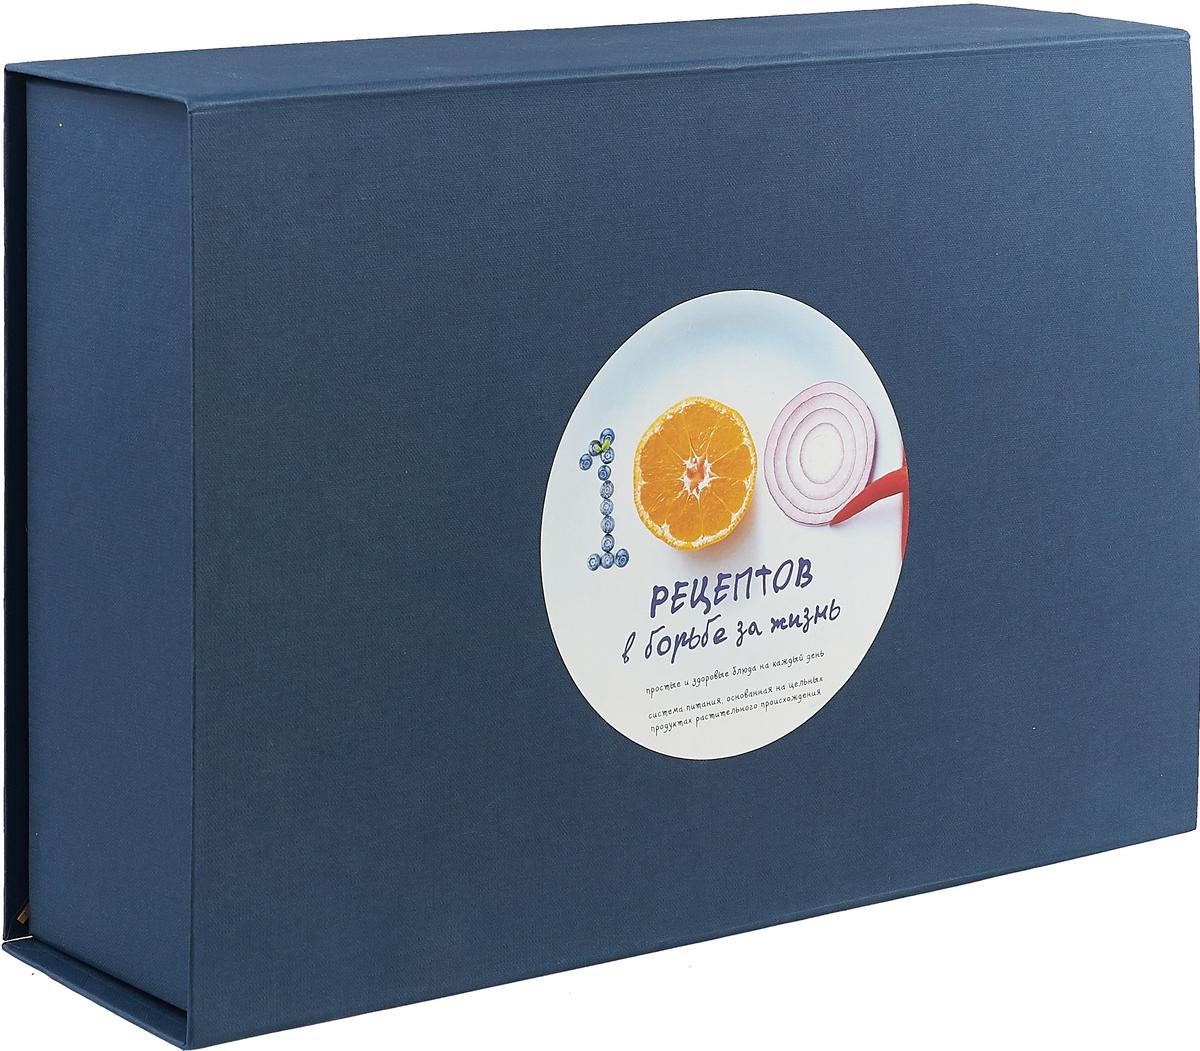 Не сдохни! 100+ рецептов в борьбе за жизнь (комплект из 2 книг + семена чиа, семена льна, щипцы для салата)